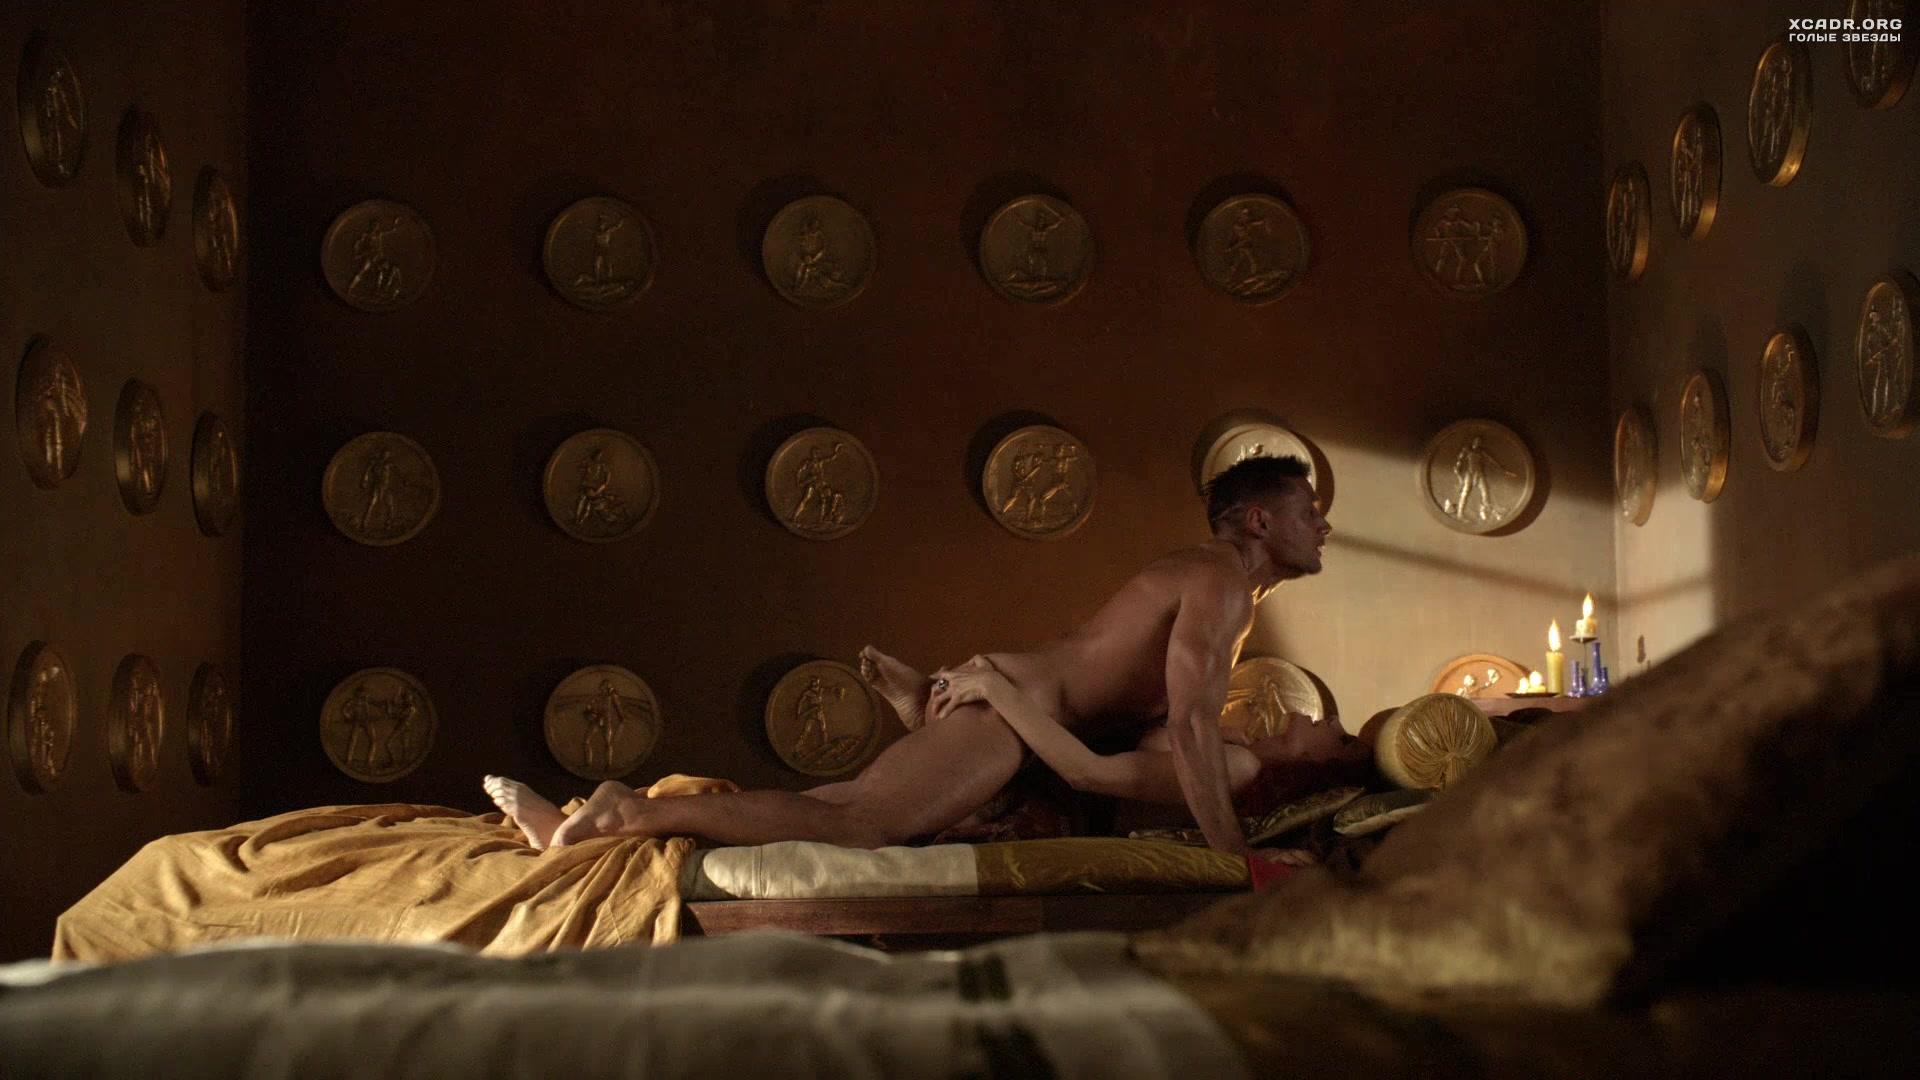 kazahstane-video-eroticheskie-stseni-iz-filma-mechti-sbivayutsya-razvod-dengi-troynoe